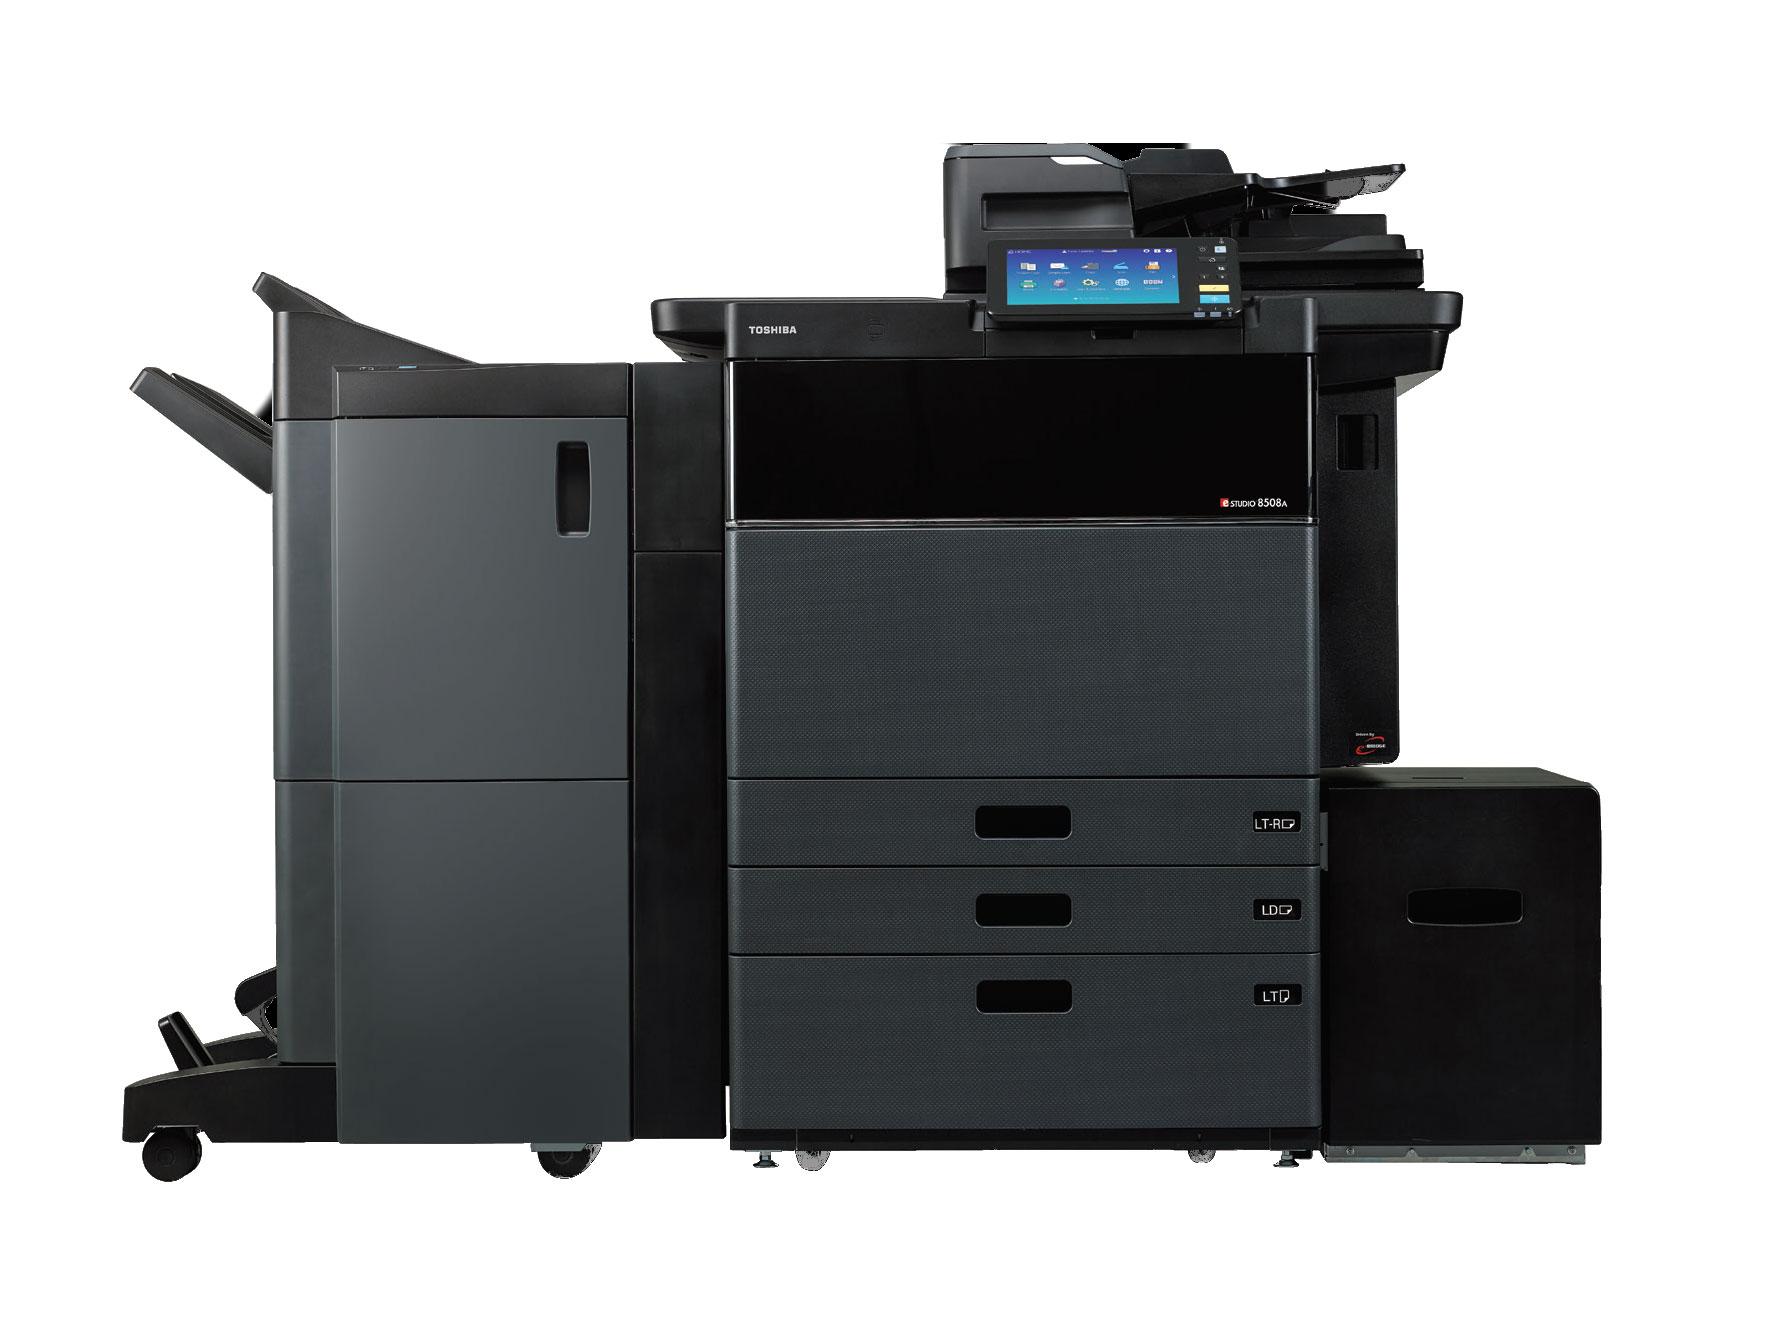 Fotocopiadora e-STUDIO 7508A usada